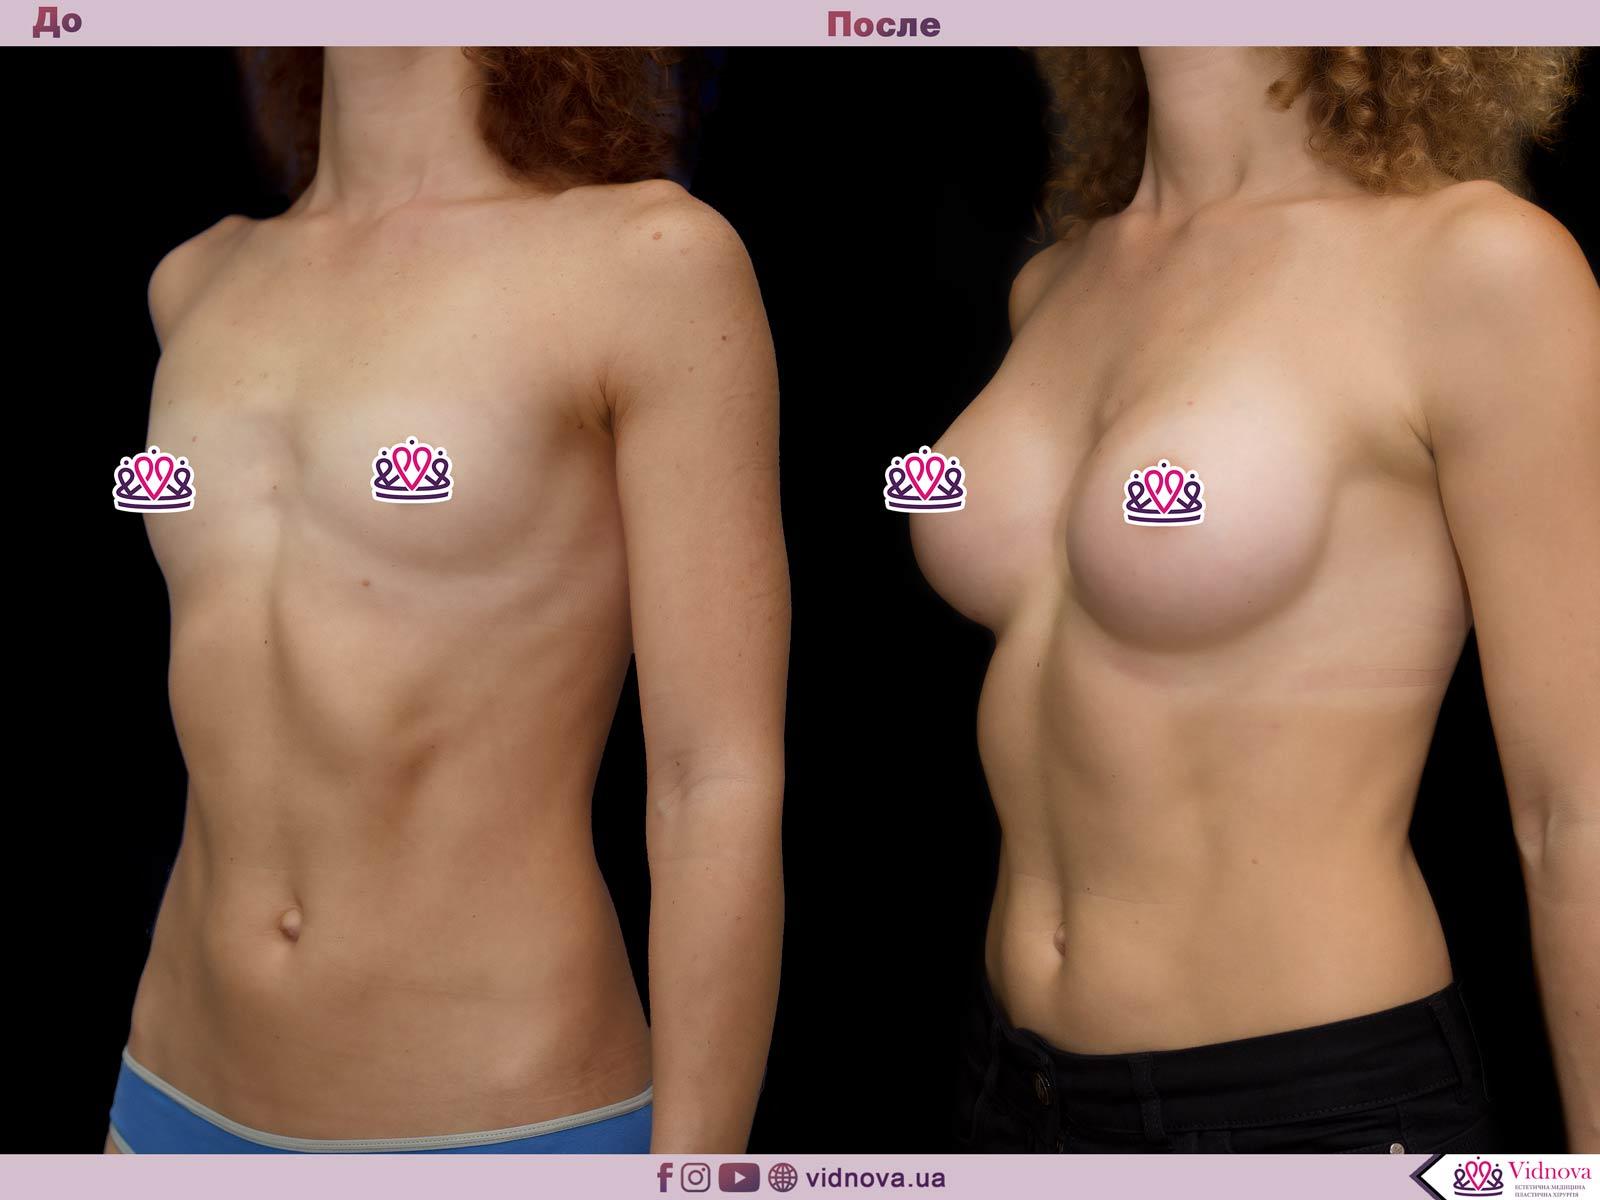 Пластика груди: результаты до и после - Пример №65-1 - Светлана Работенко